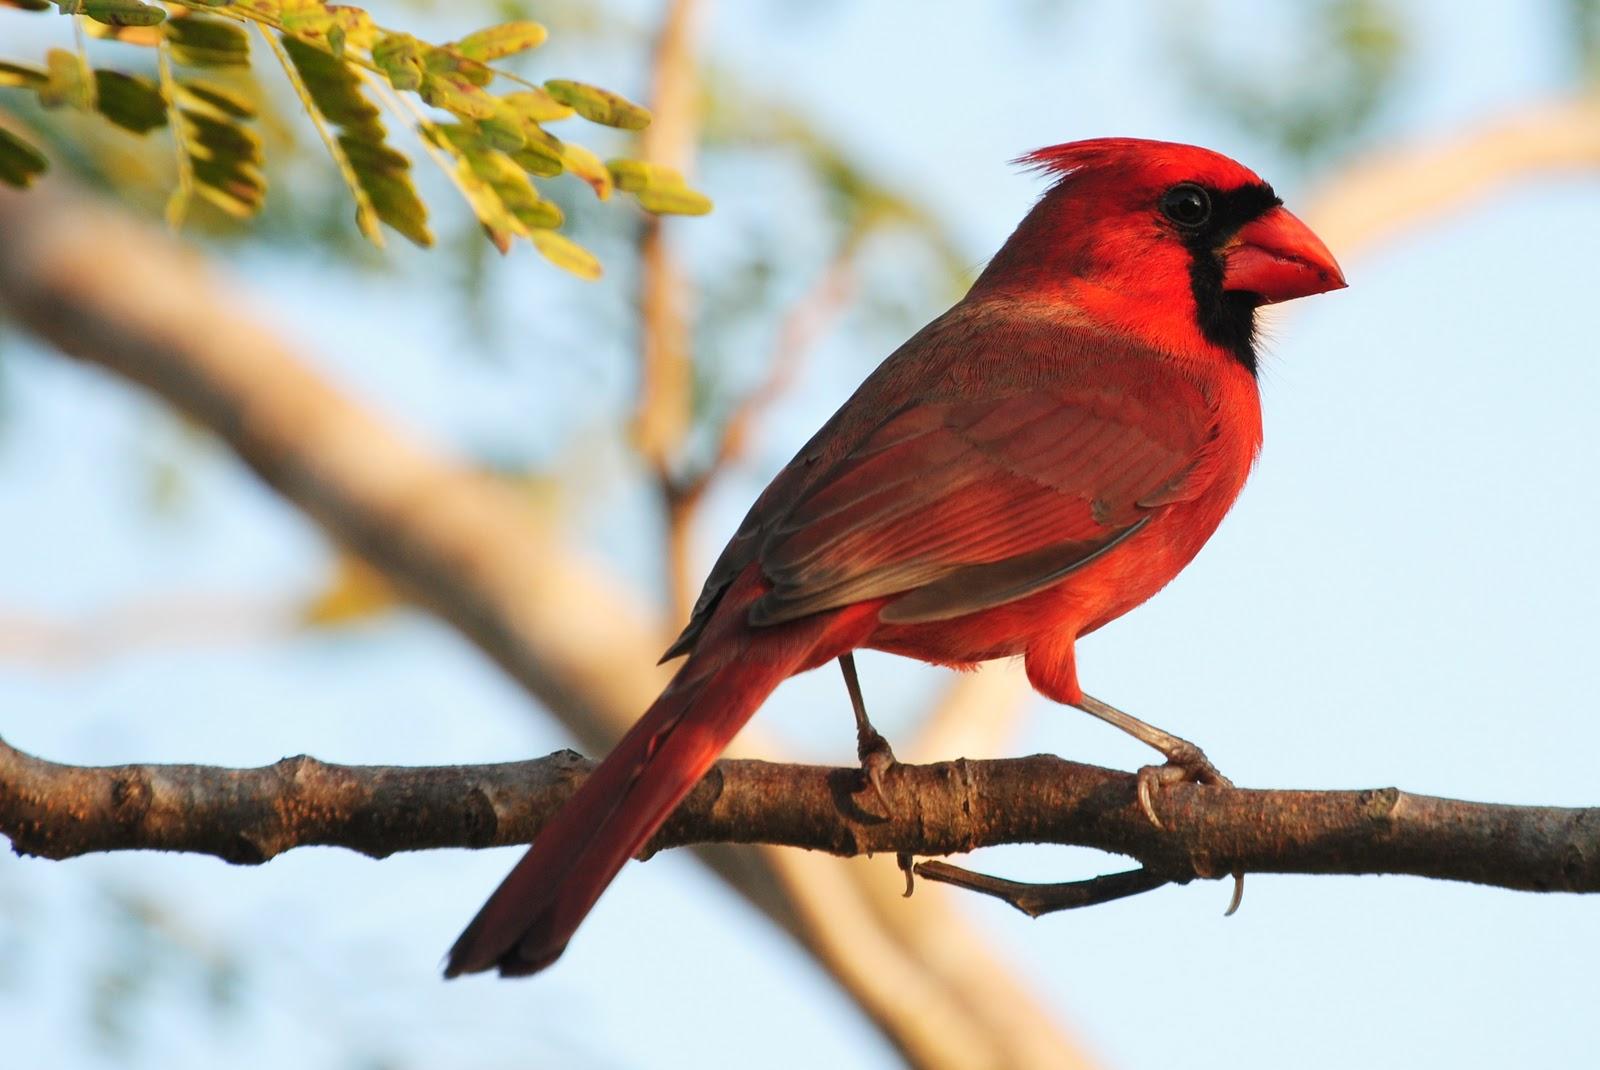 High-definition-wallpapers-northern-cardinal-birds-cool-desktop-photographs-widescreen